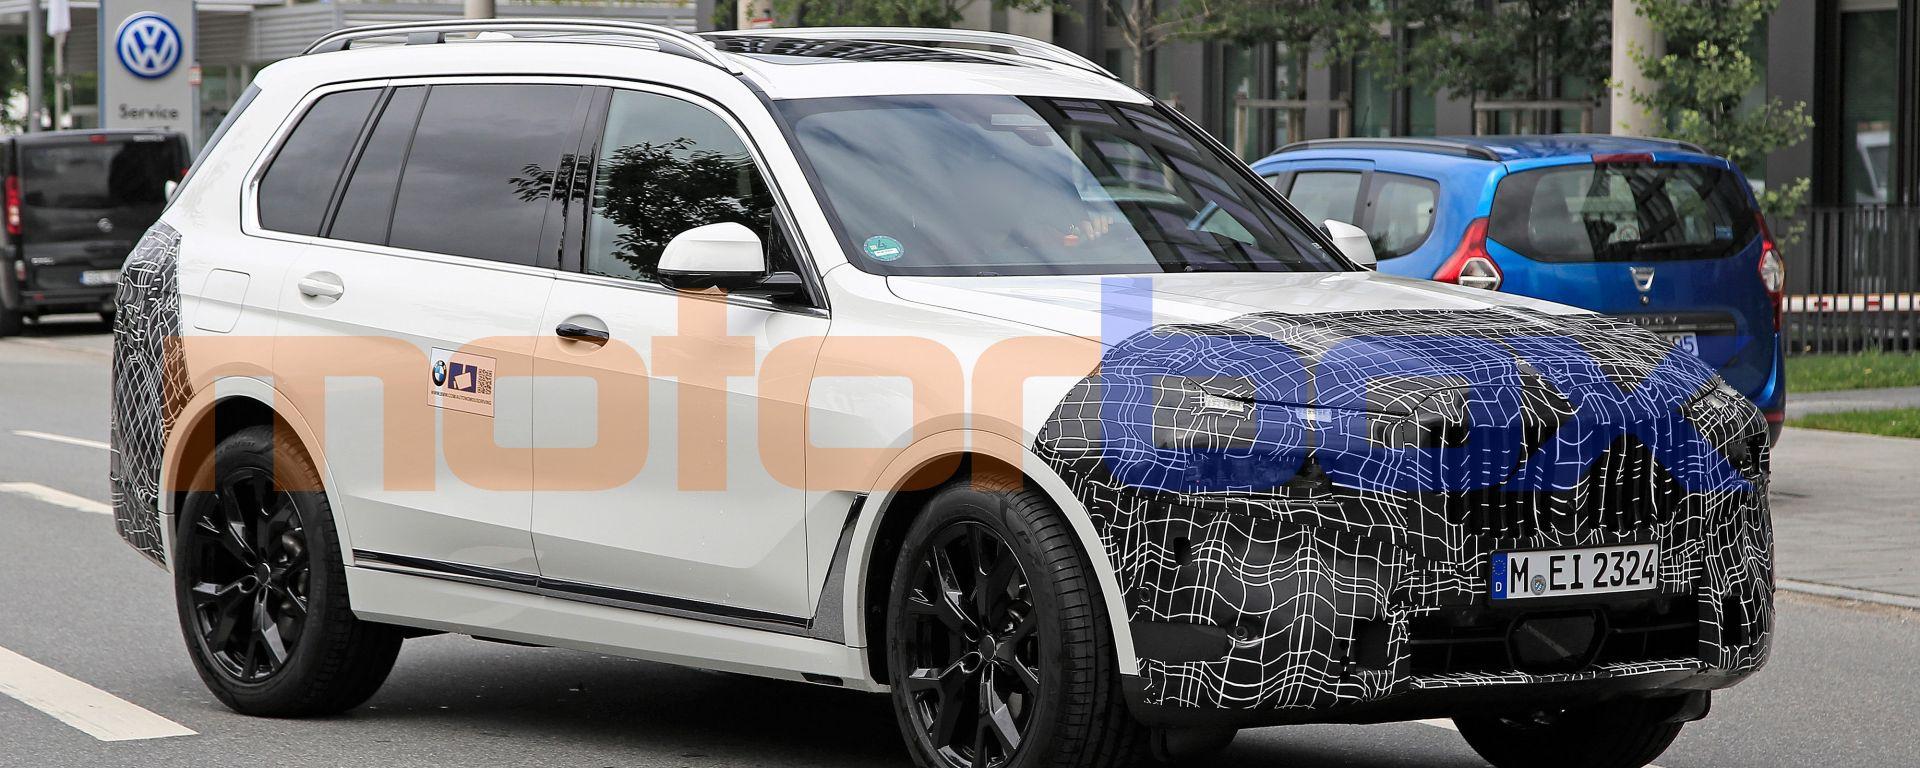 Nuova BMW X7 2022: gli ultimi prototipi beccati sulle strade nei dintorni di Monaco di Baviera